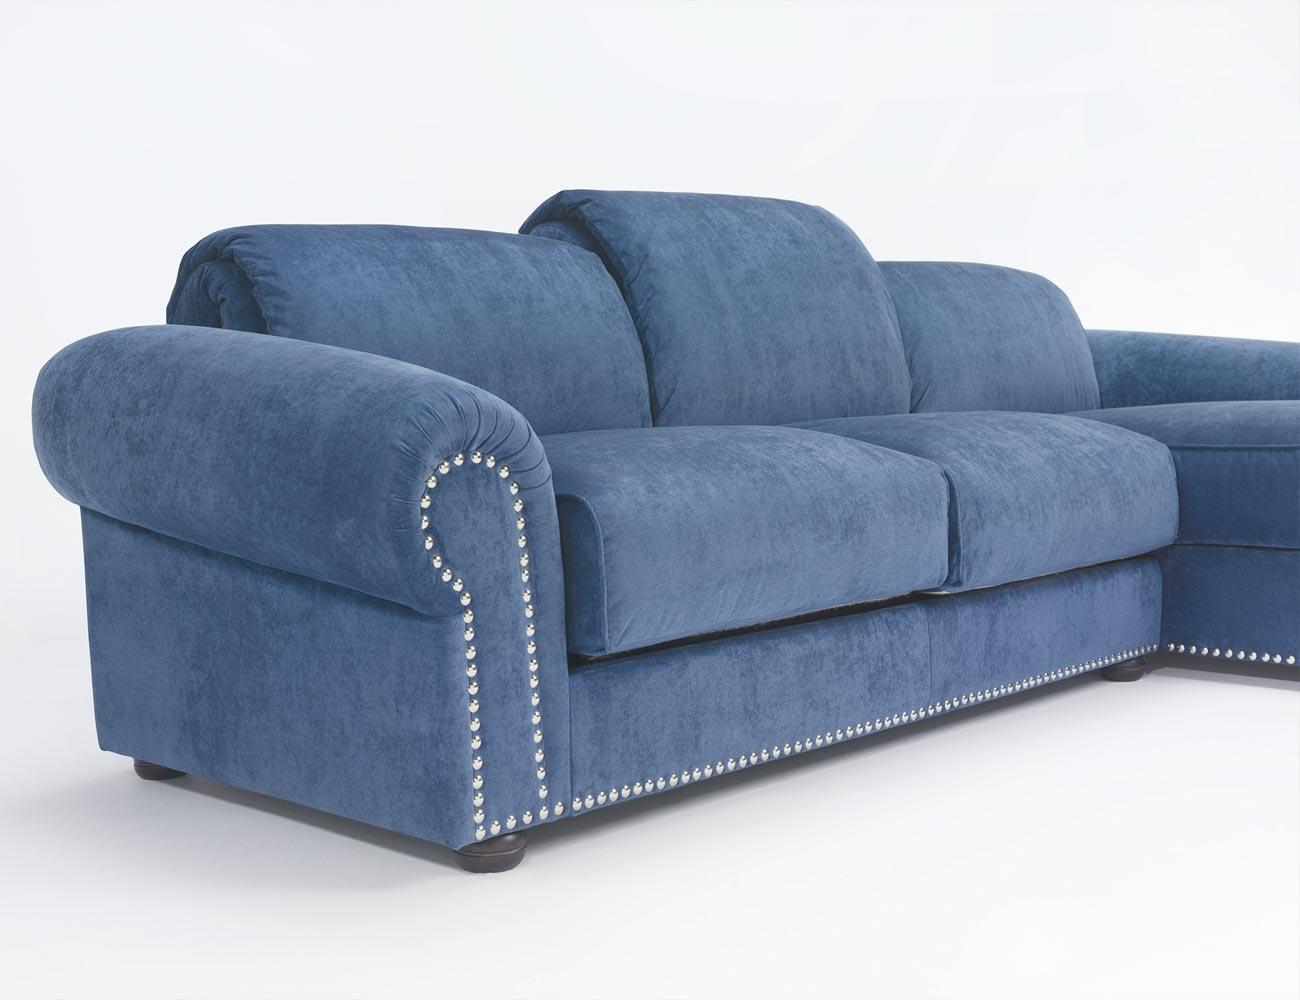 Sofa chaiselongue gran lujo decorativo azul 145